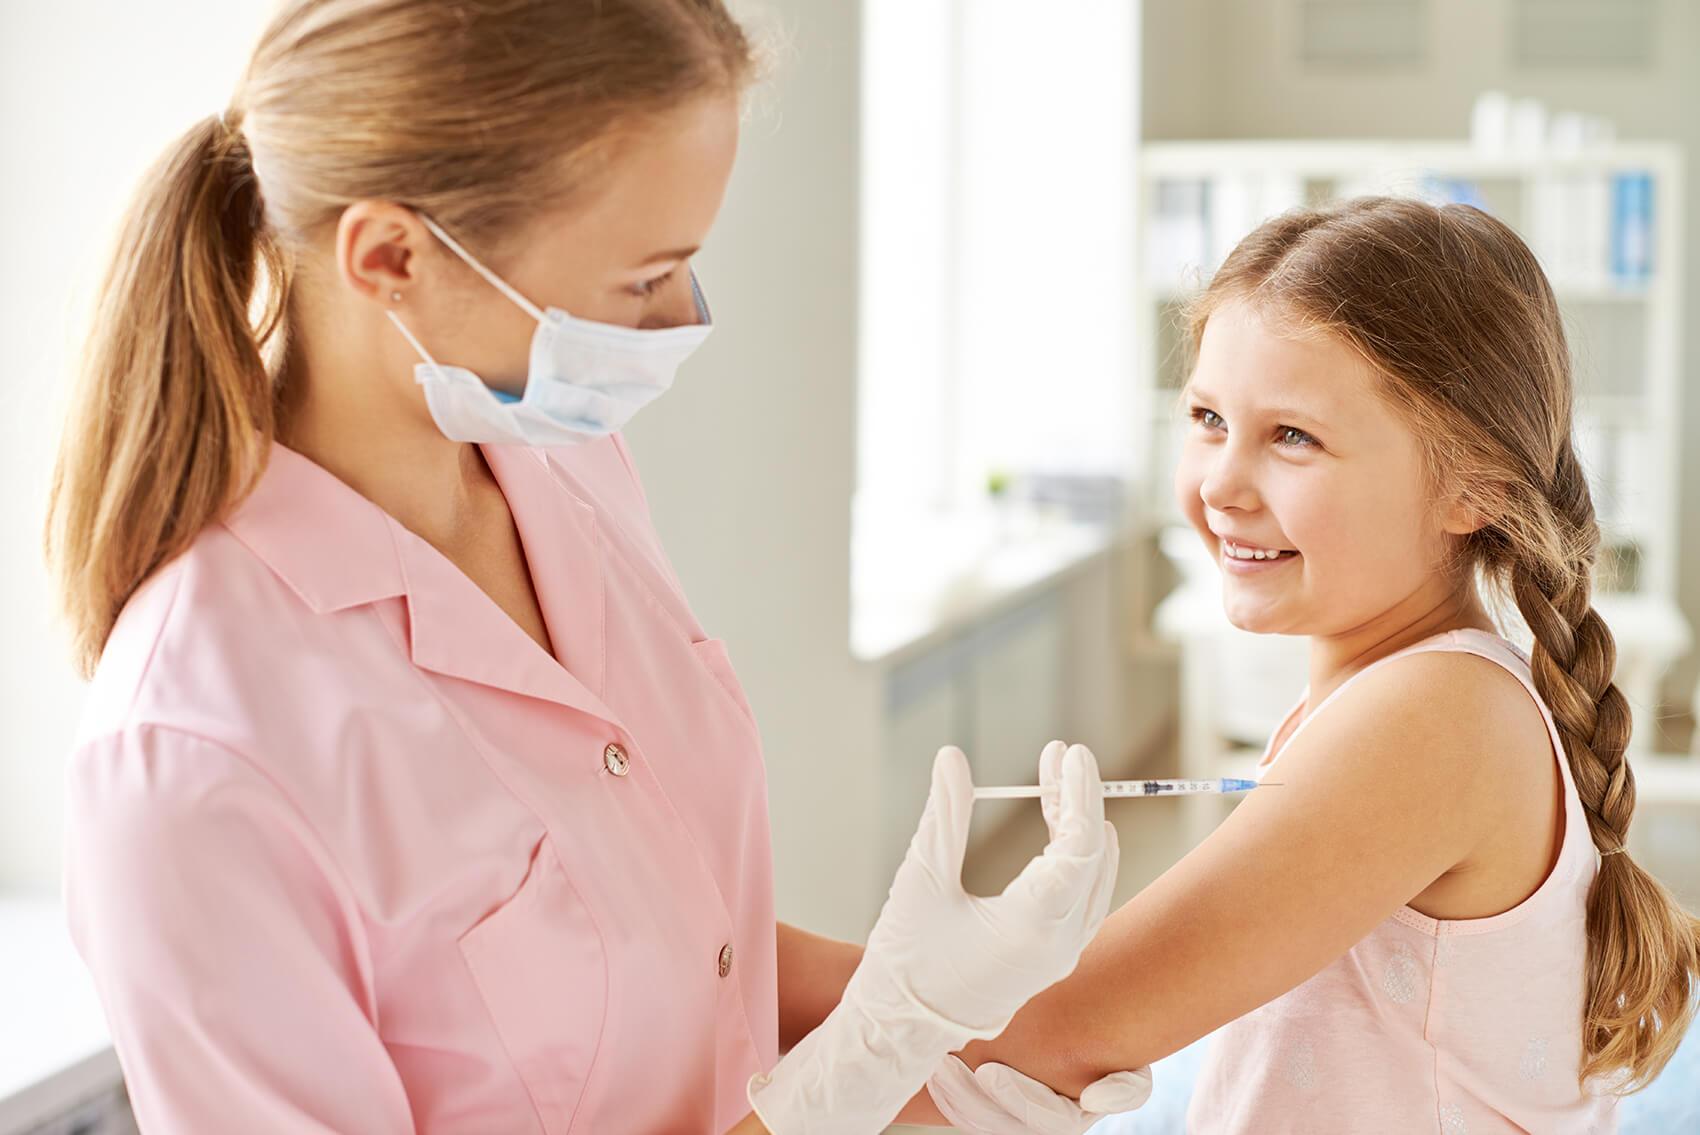 Cepljenje otrok